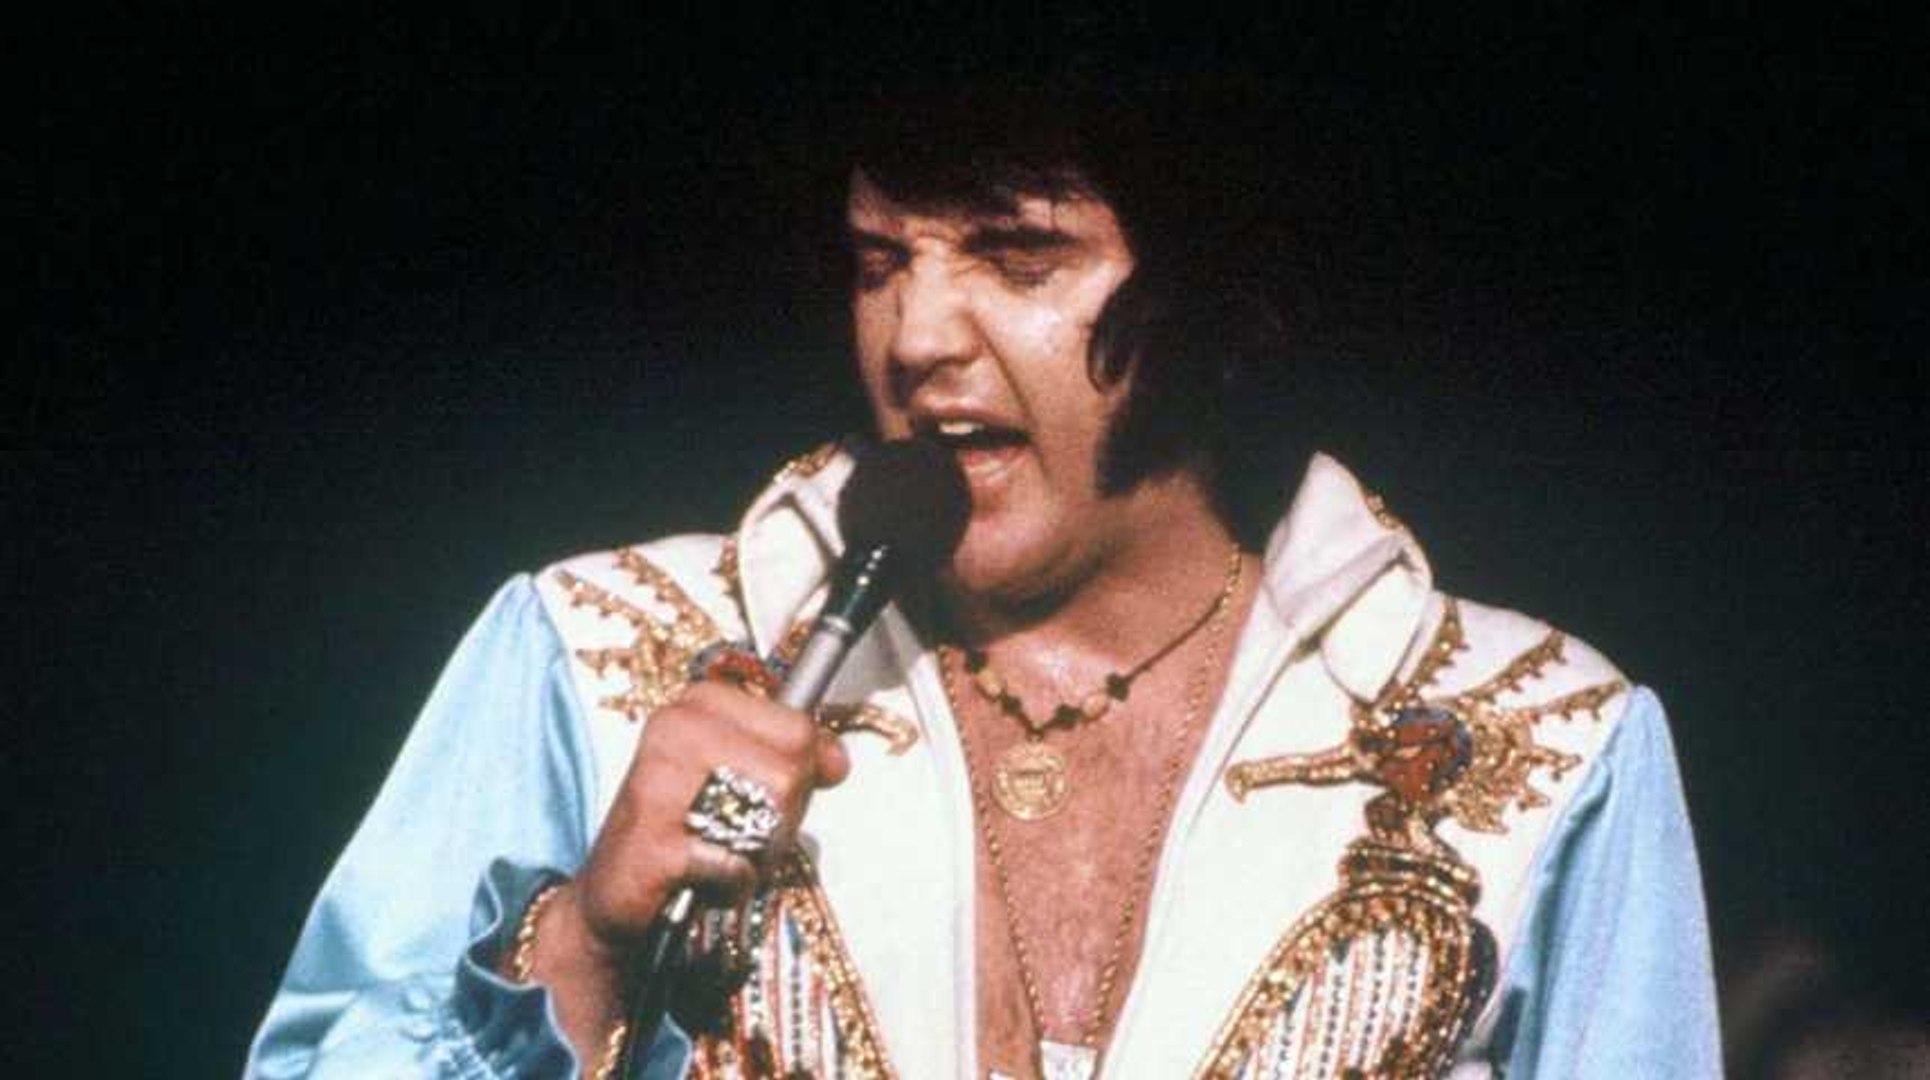 Le dernier concert d'Elvis Presley, 40 ans après sa mort - Vidéo Dailymotion